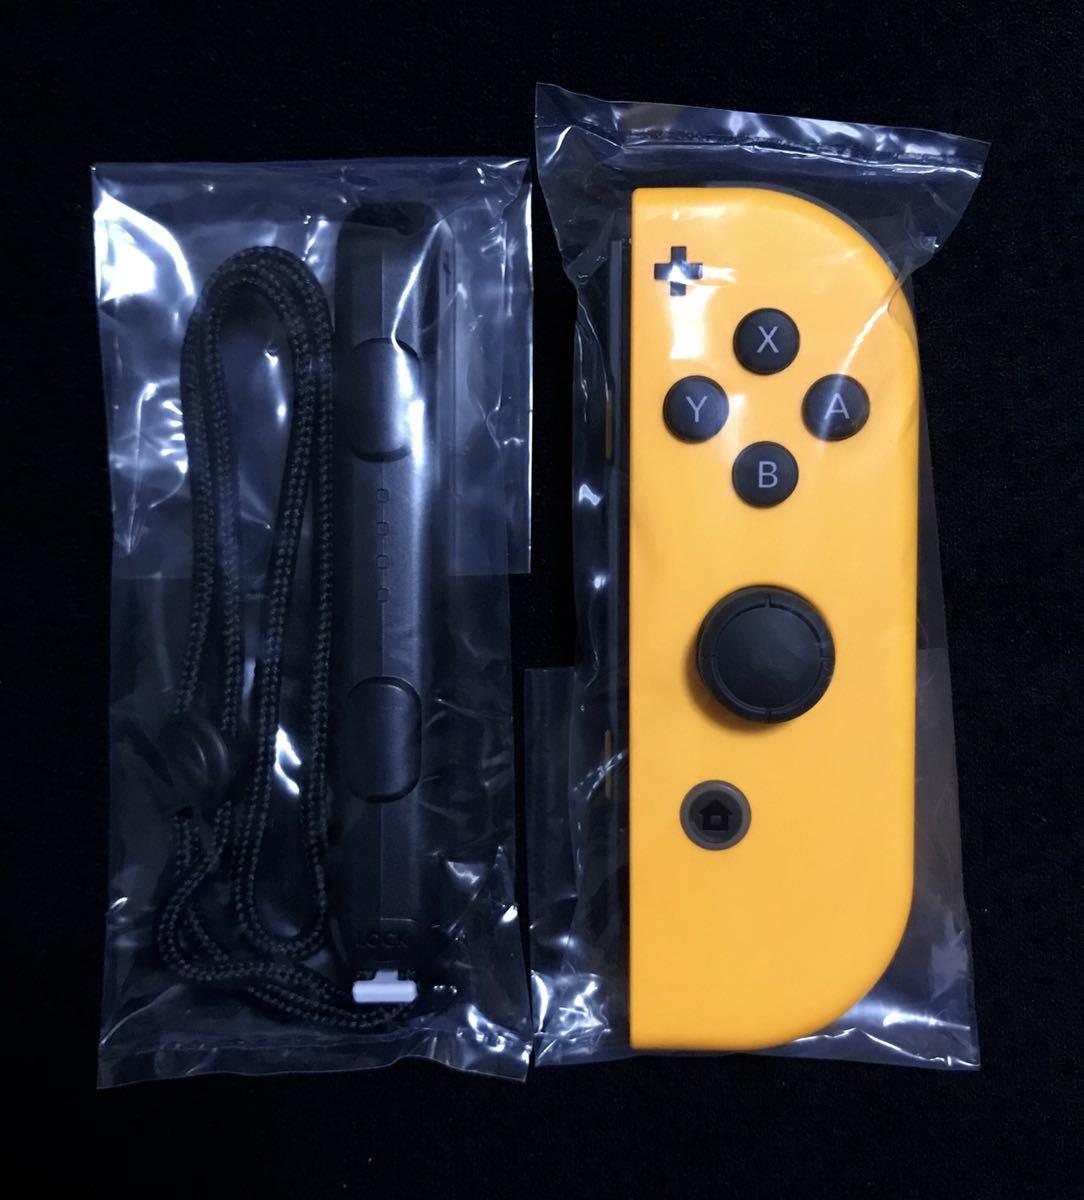 新品未使用 送料込 Nintendo switch ニンテンドースイッチ Joy-Con ジョイコン (R) ネオンオレンジ joycon 右 純正 コントローラー